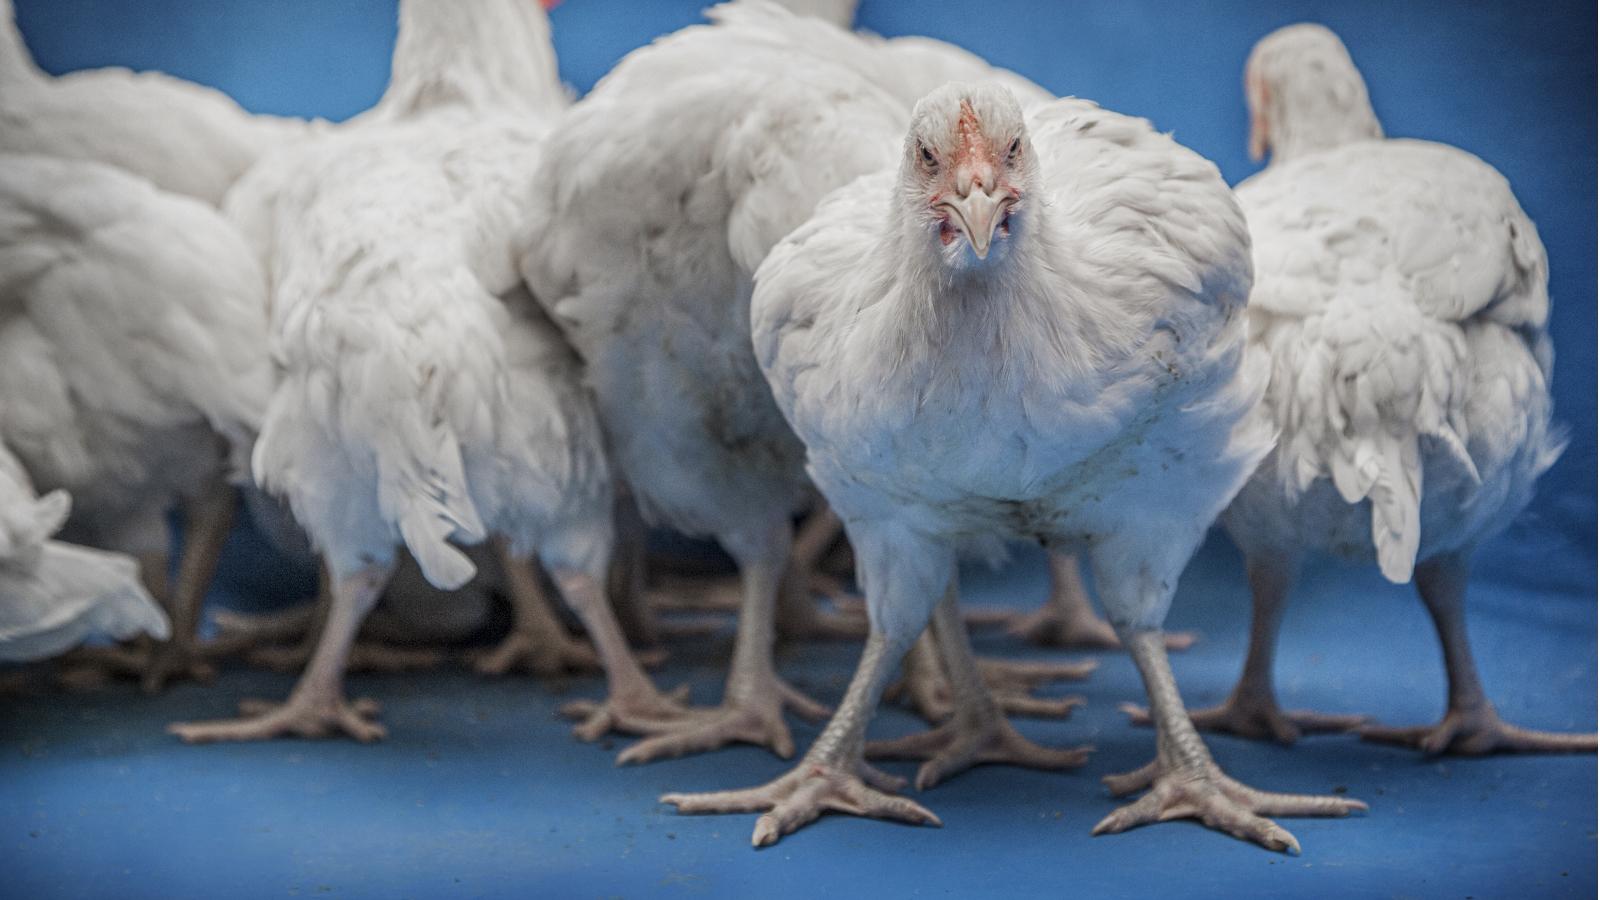 Concurrenten Albert Heijn geven kip meer ruimte